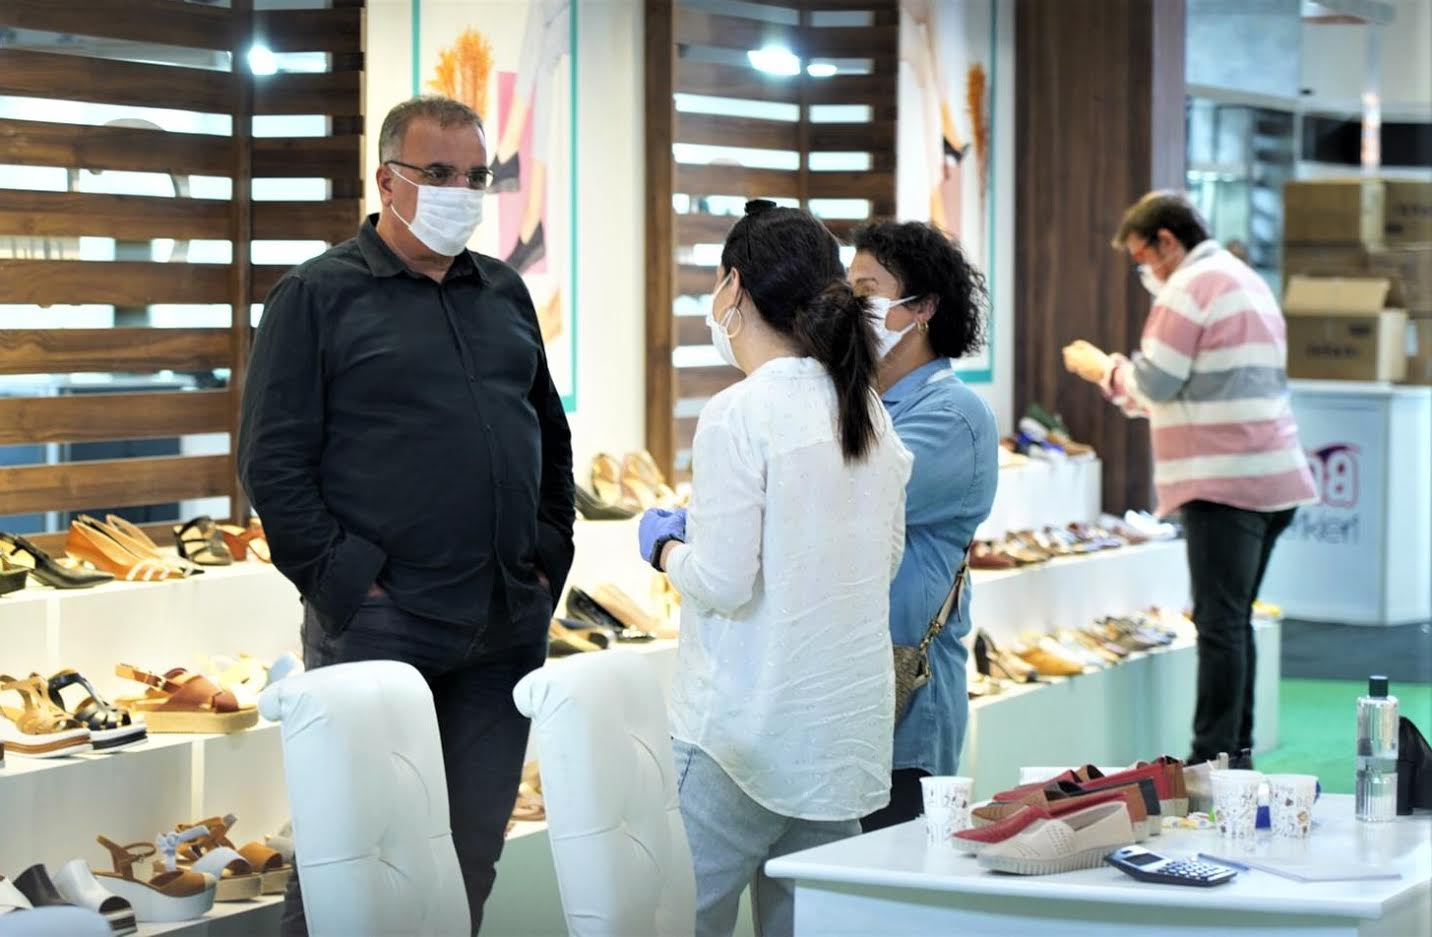 Ayakkabı sektörünün küresel vitrini! Binlerce yeni model AYMOD'da görücüye çıkıyor | SON TV